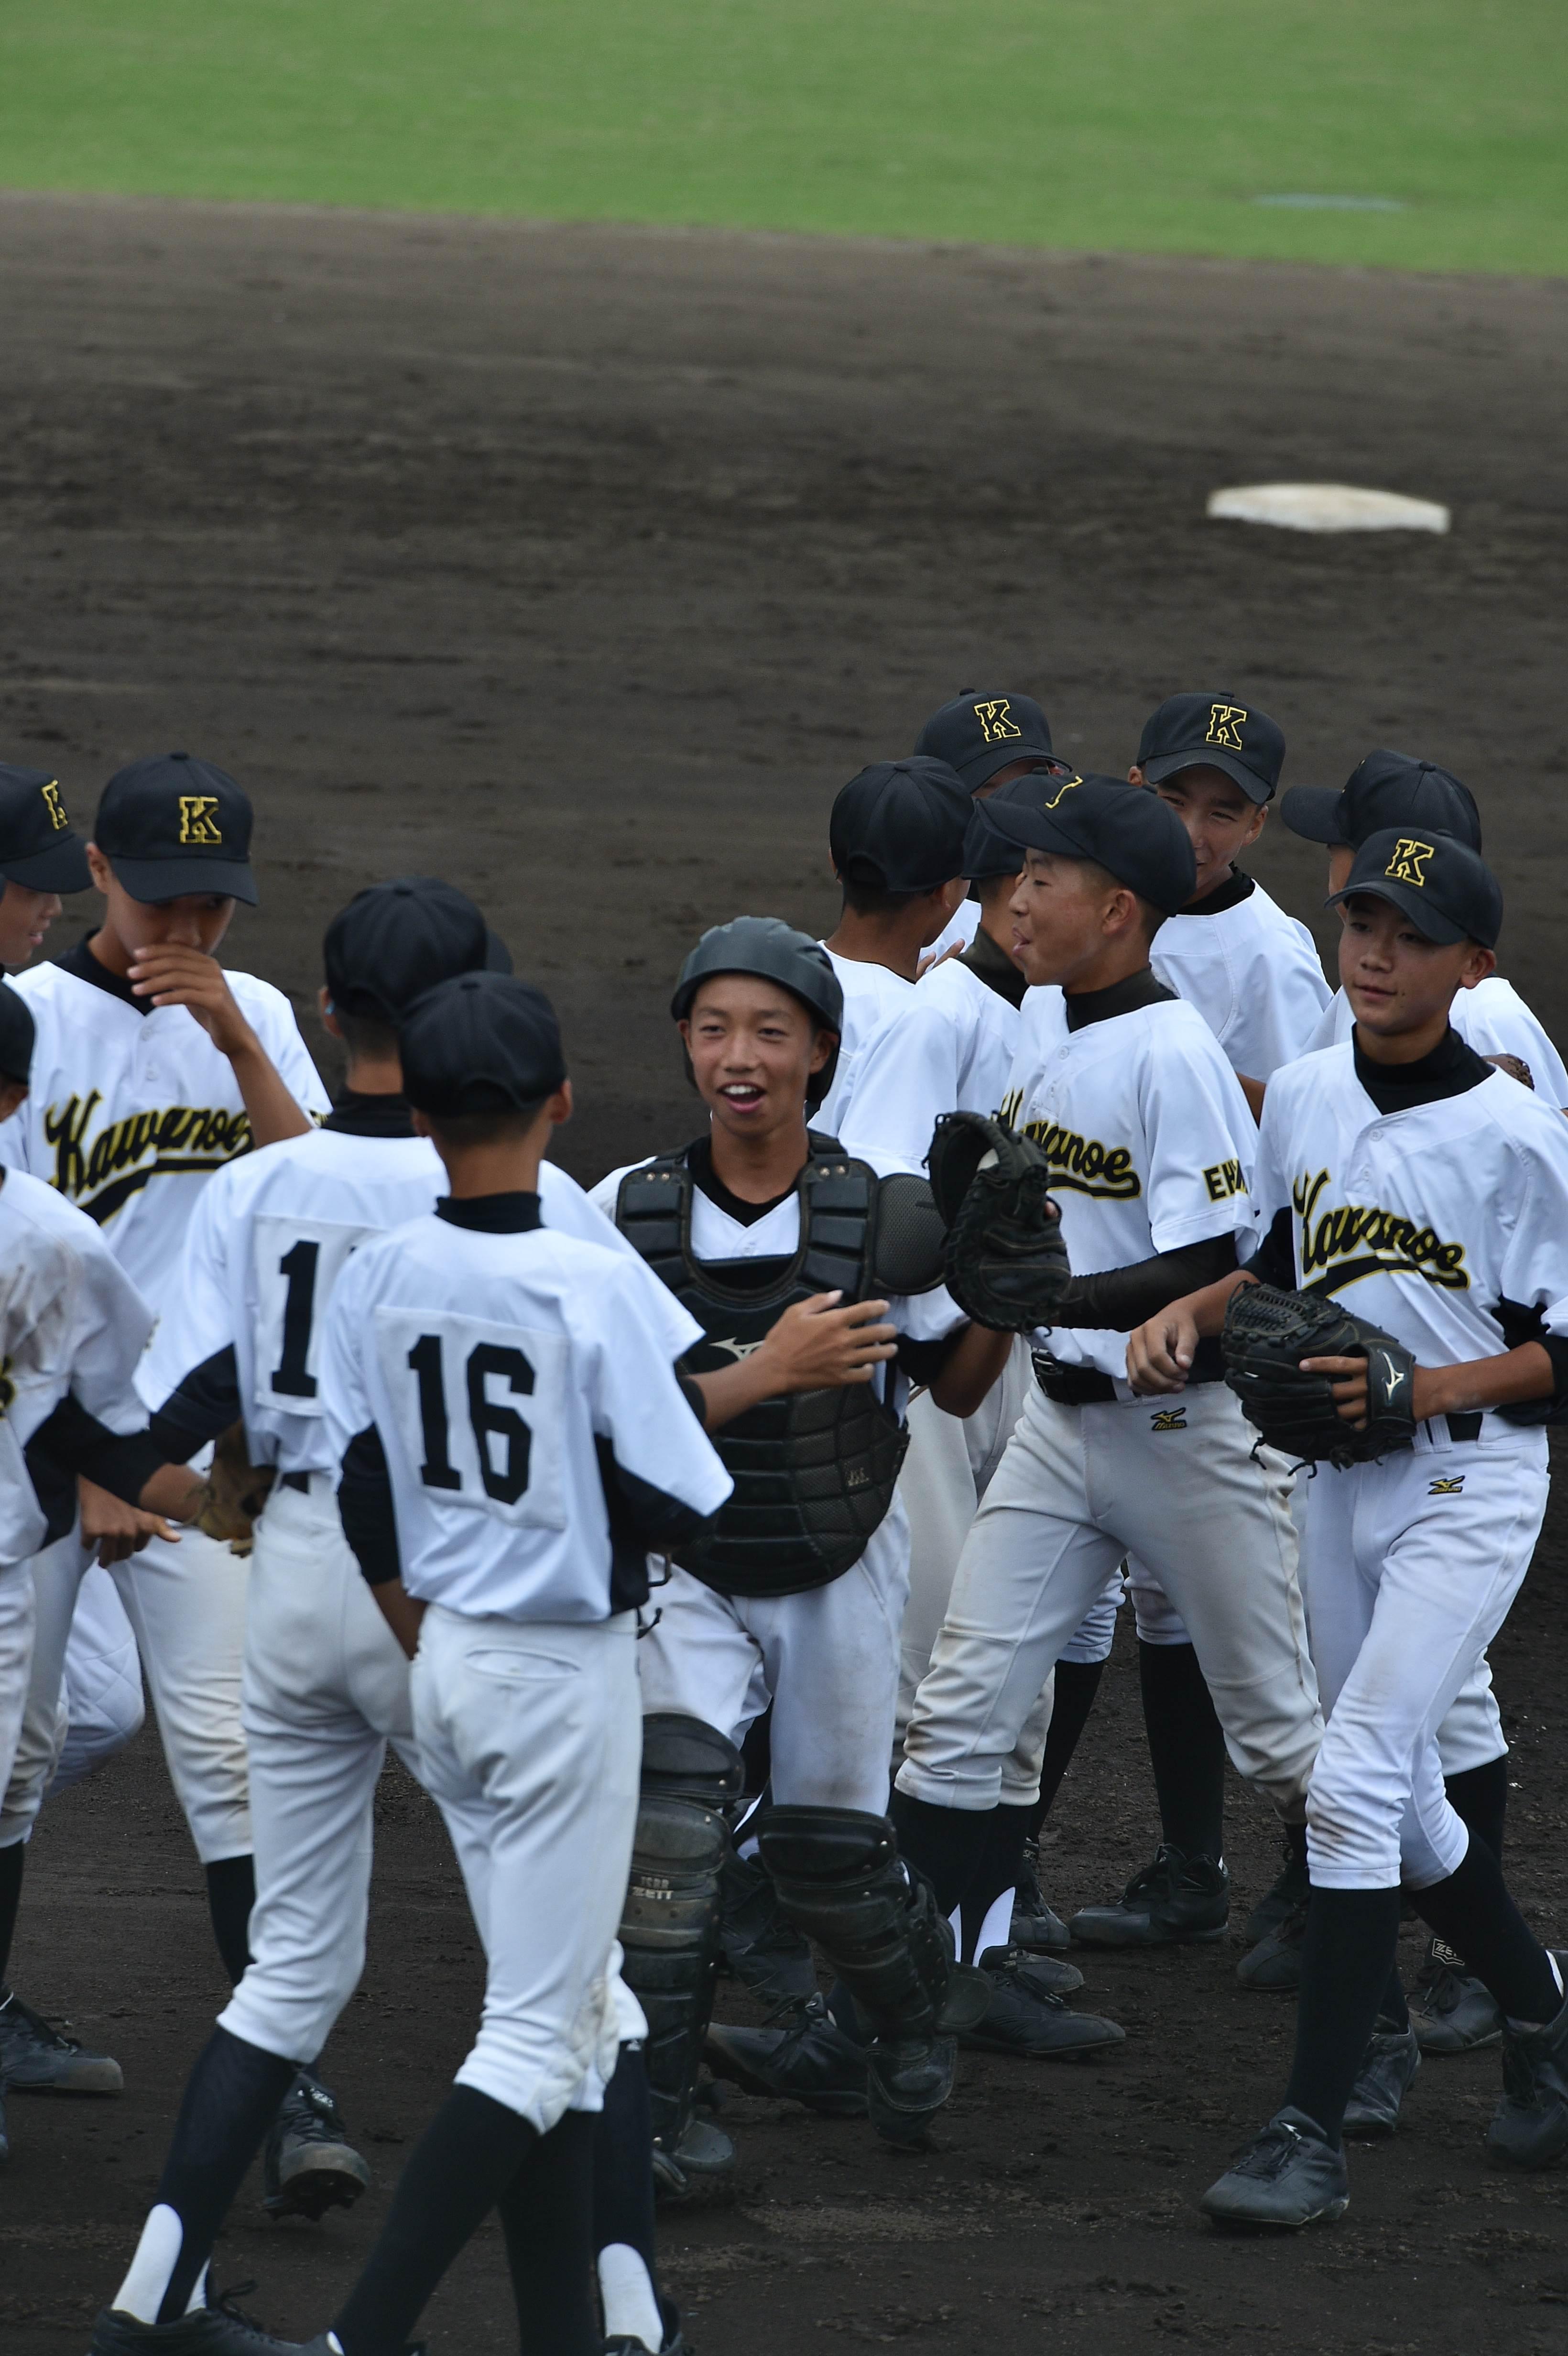 軟式野球 (447)